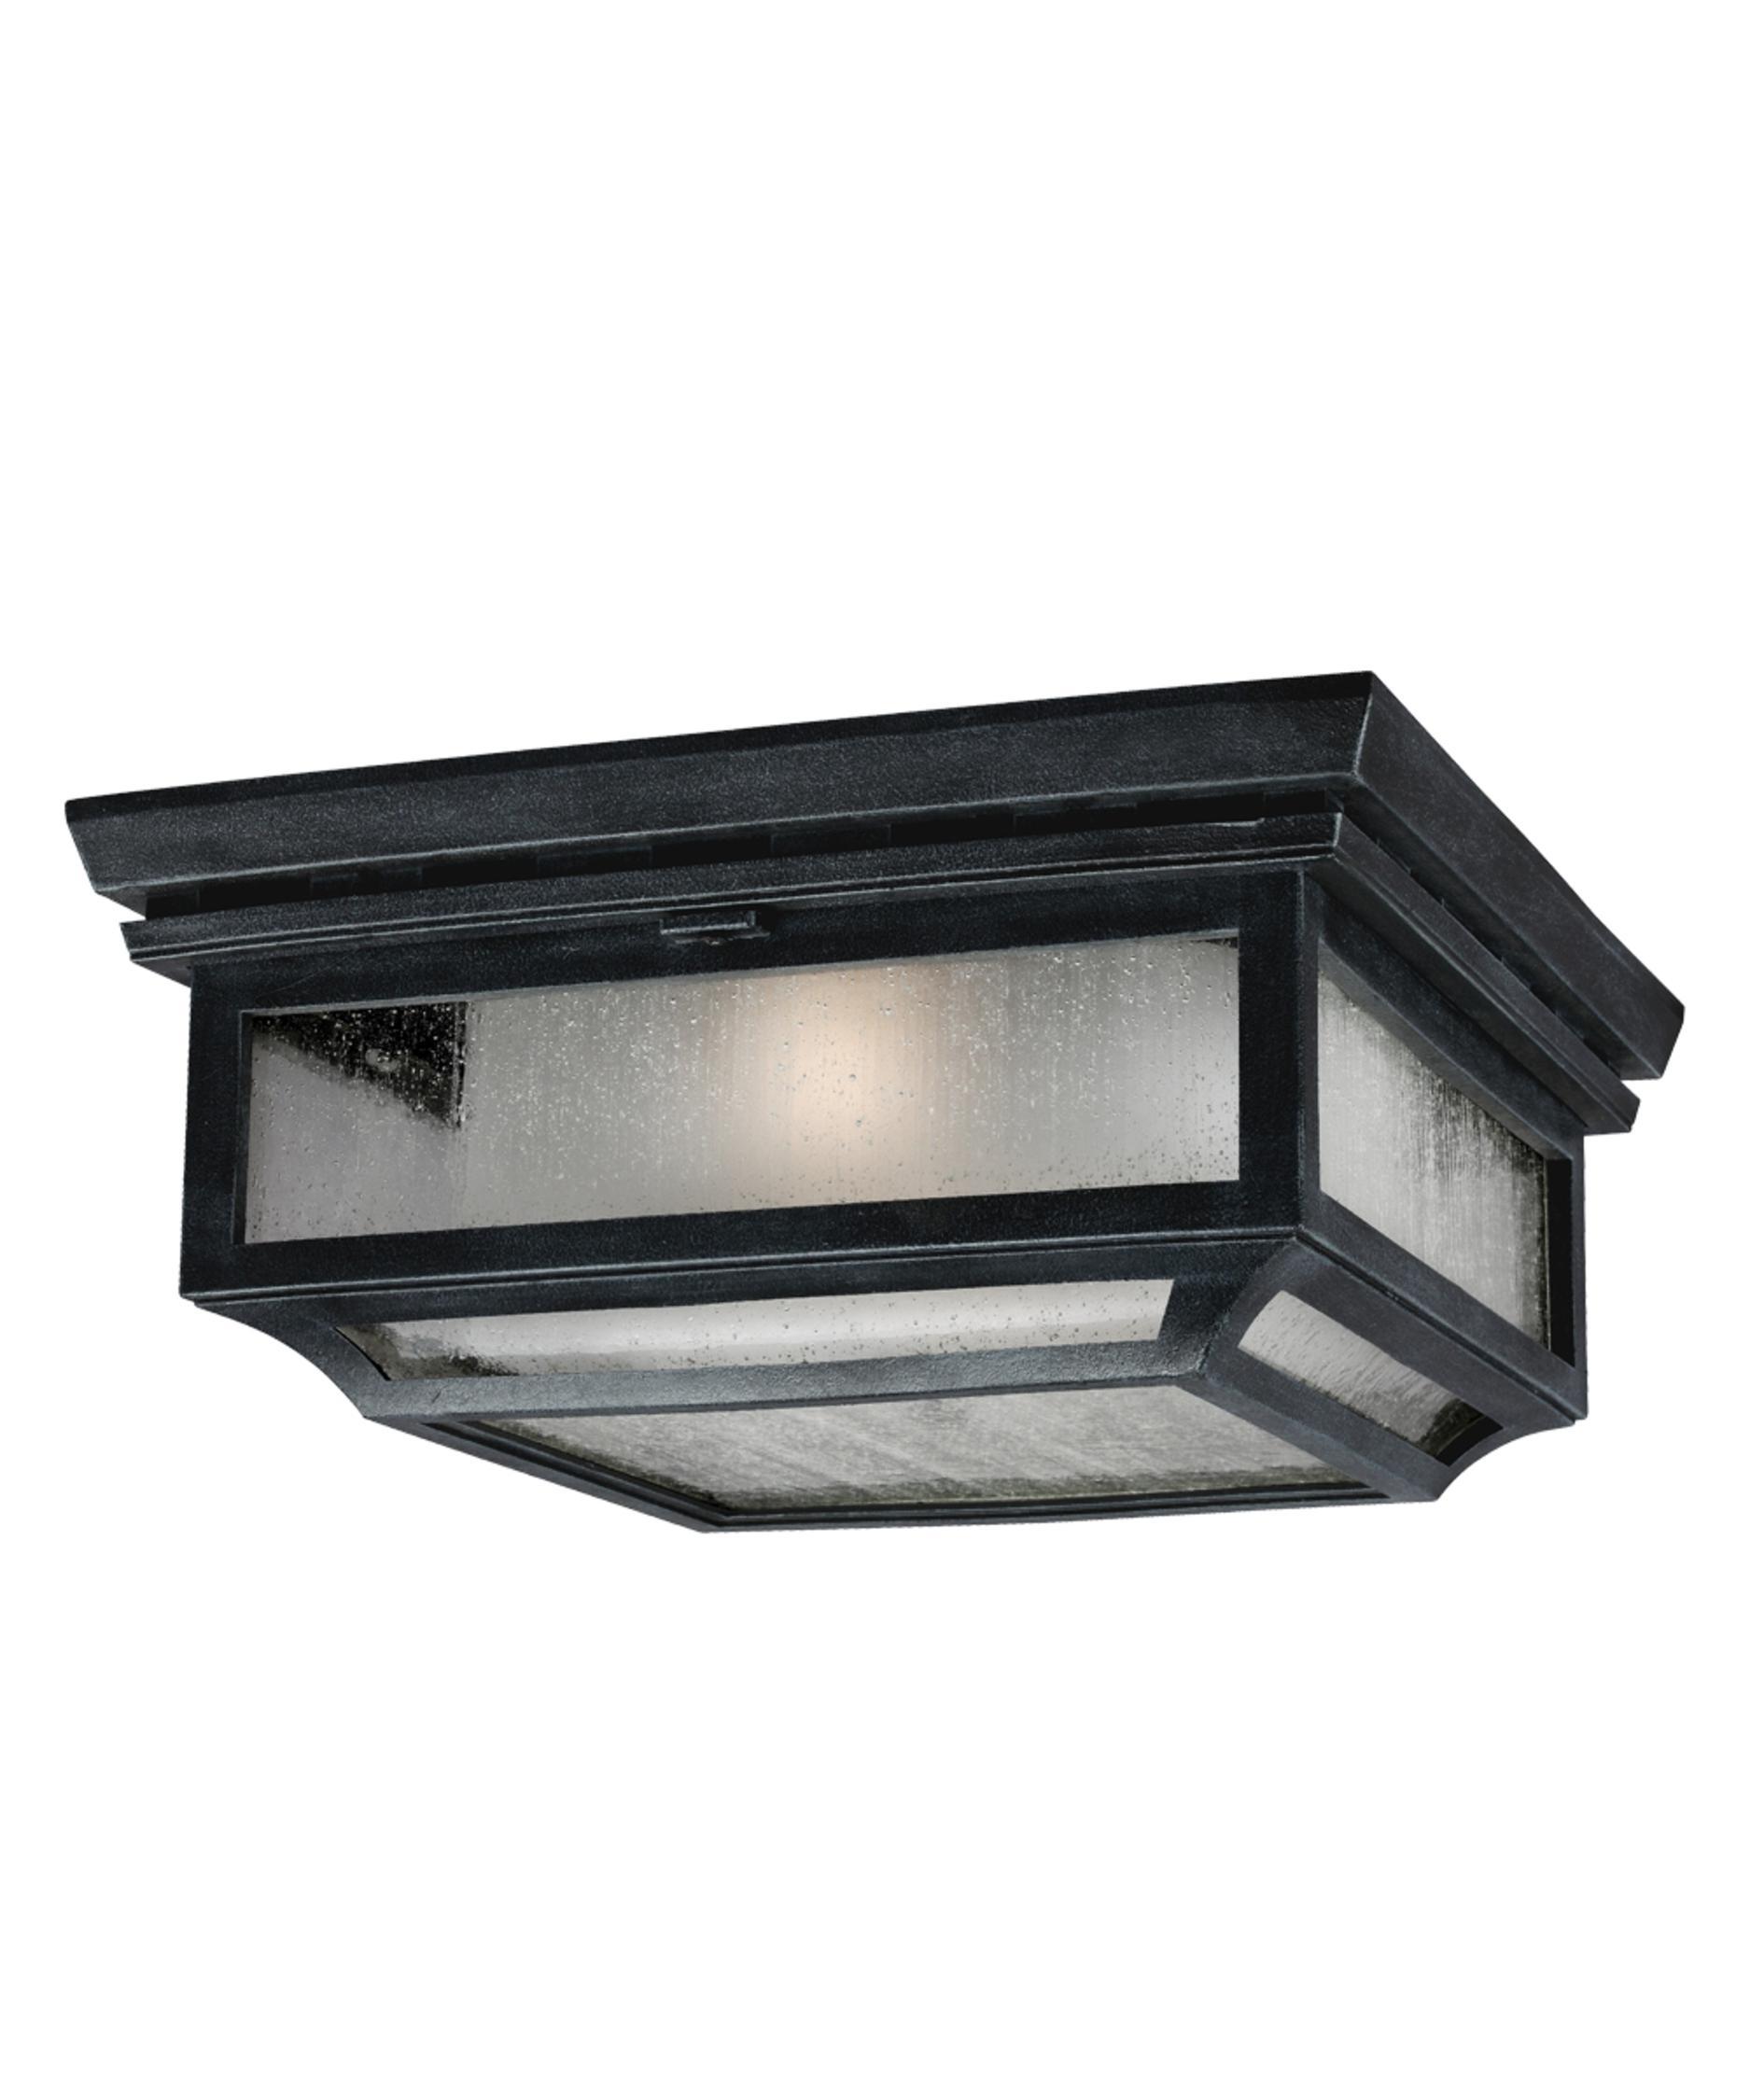 Flush mount outdoor lighting - Murray Feiss Ol10613 Shepherd 13 Inch Wide 2 Light Outdoor Flush Mount Capitol Lighting 1 800lighting Com